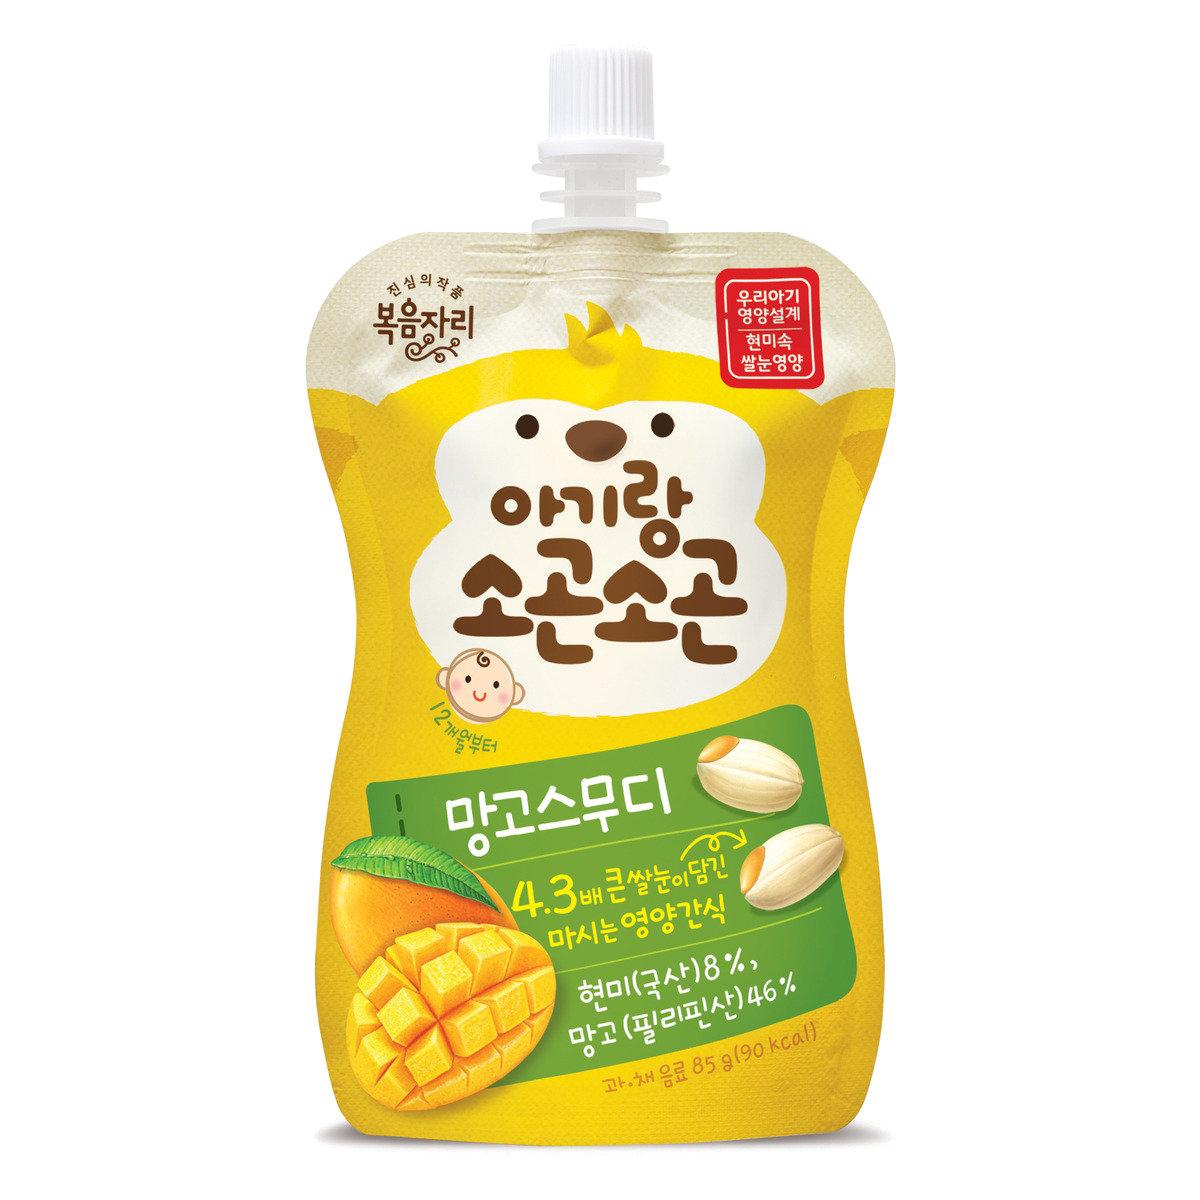 韓國有機胚芽糙米芒果唧唧果茸 (85克)